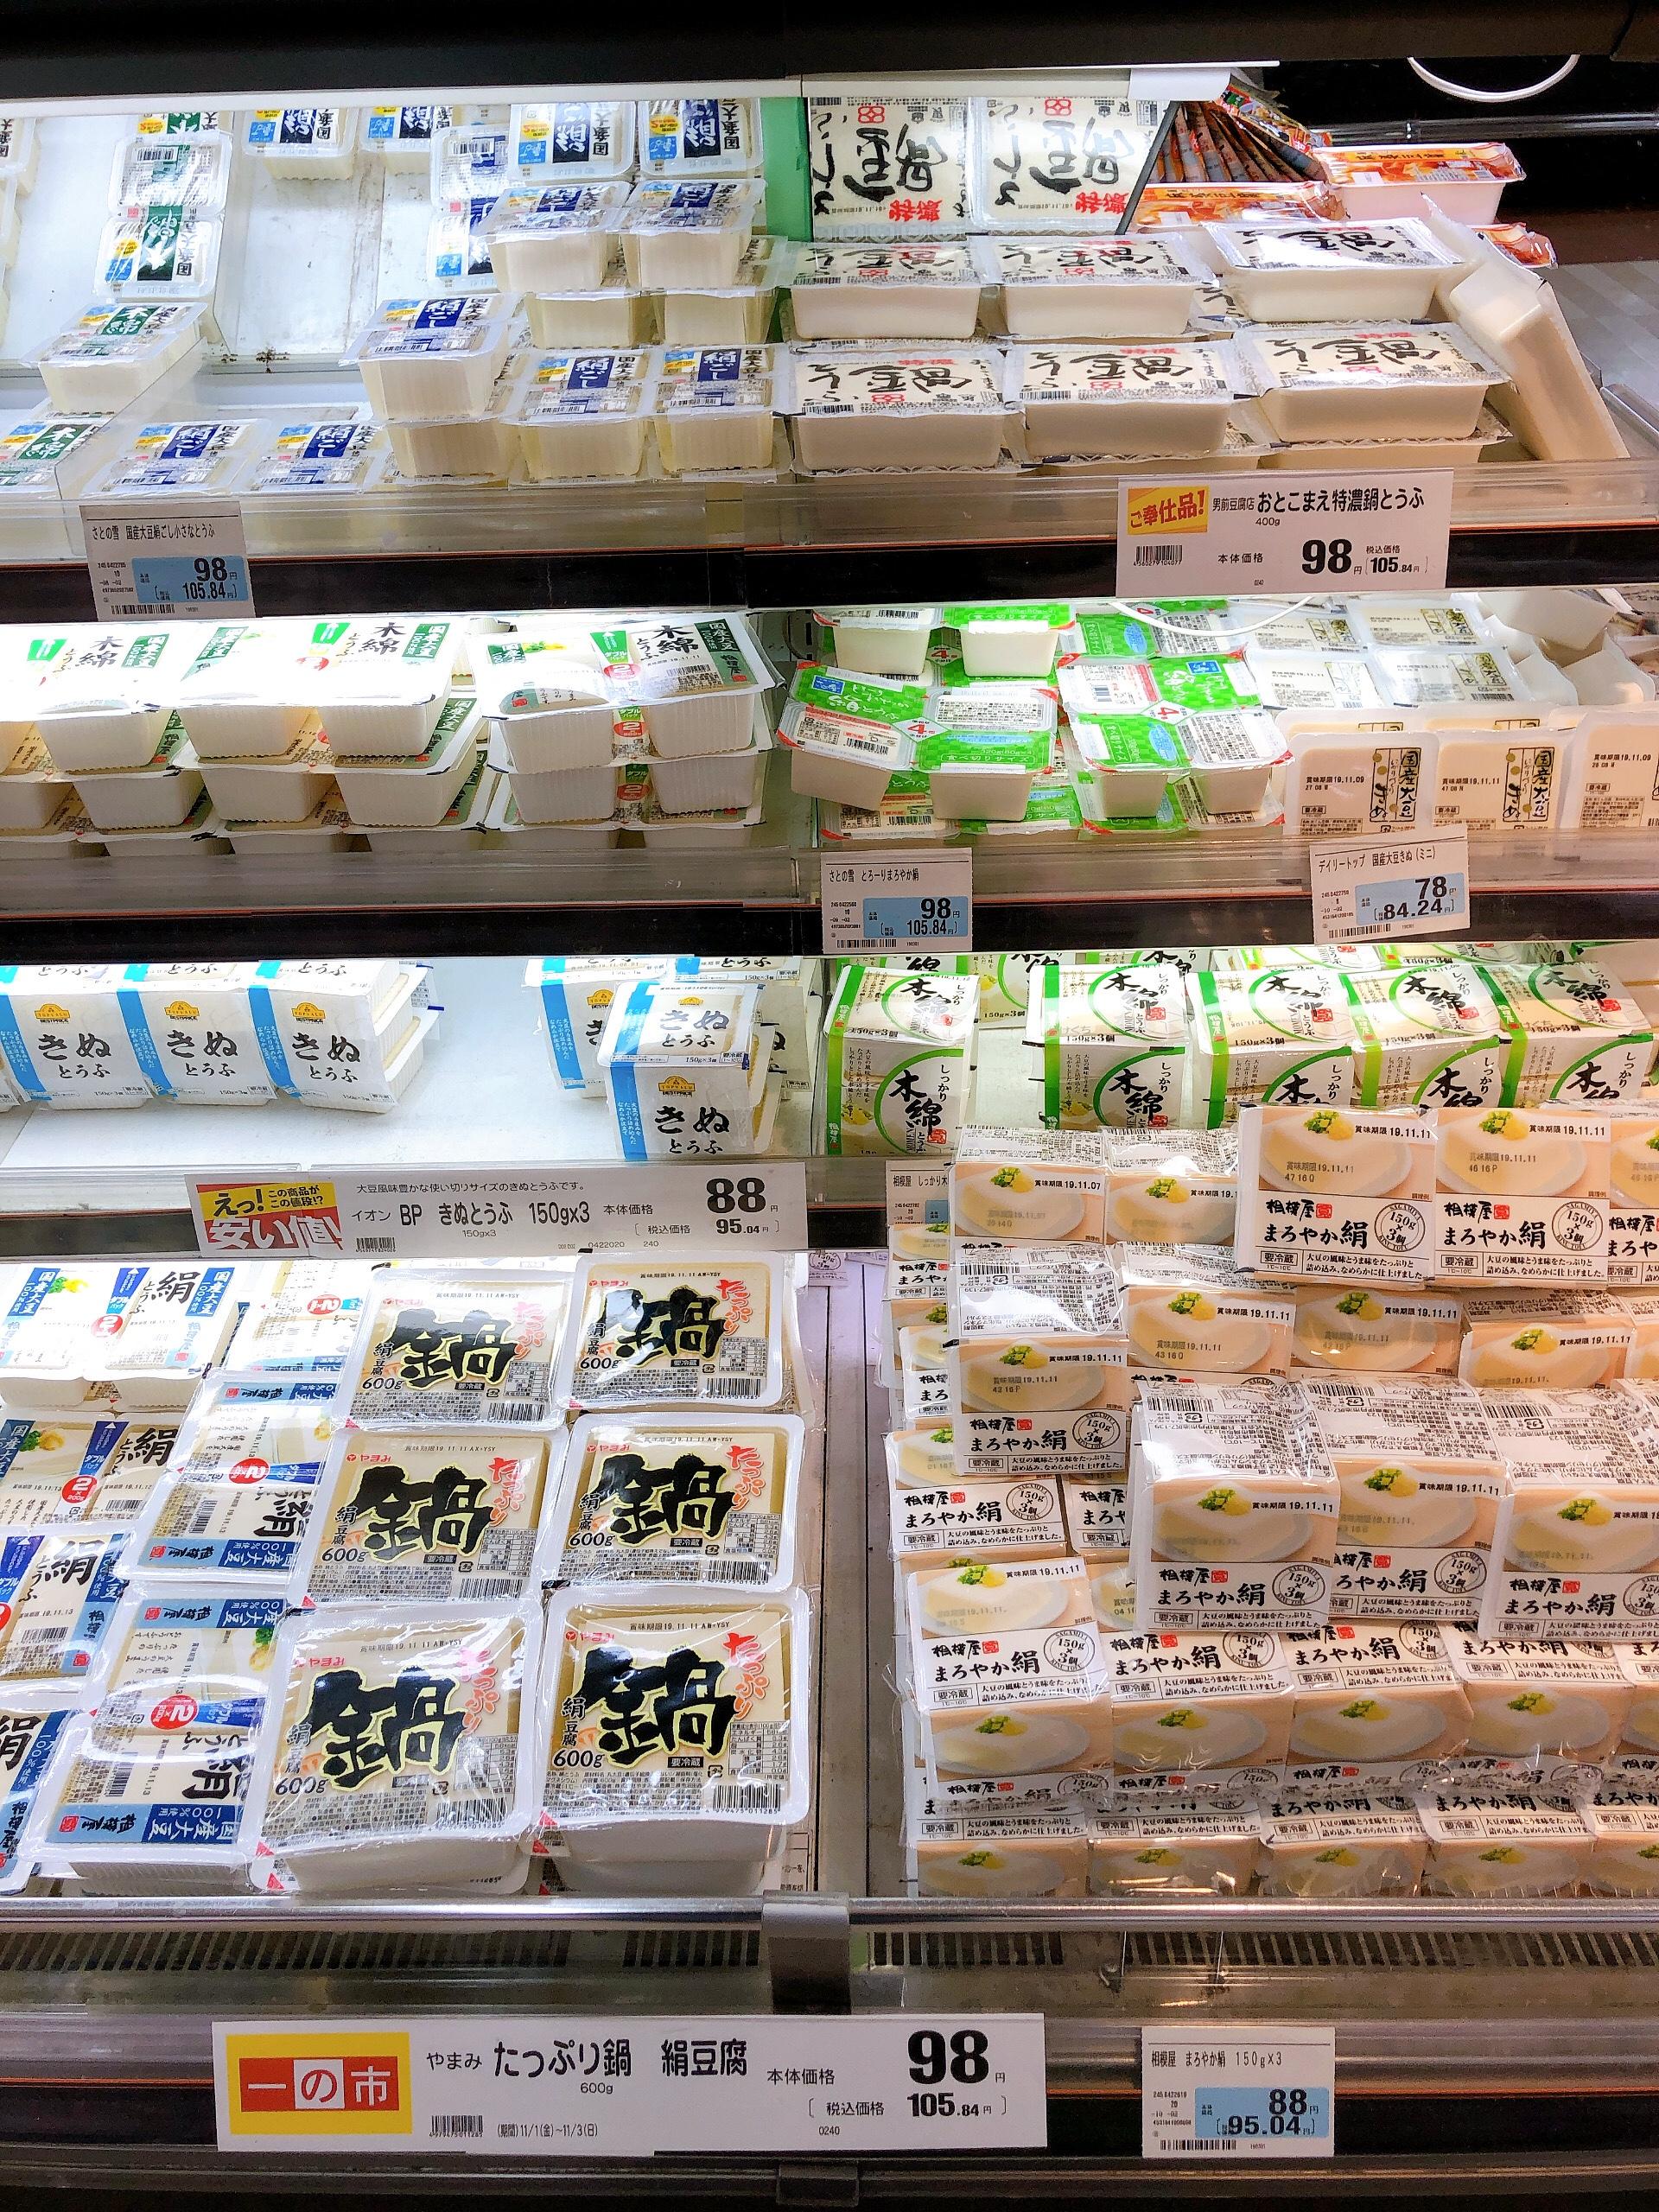 豆腐は栄養豊富で太らない最高の食材|高タンパク質|藤本鍼灸整骨院 大阪府池田市